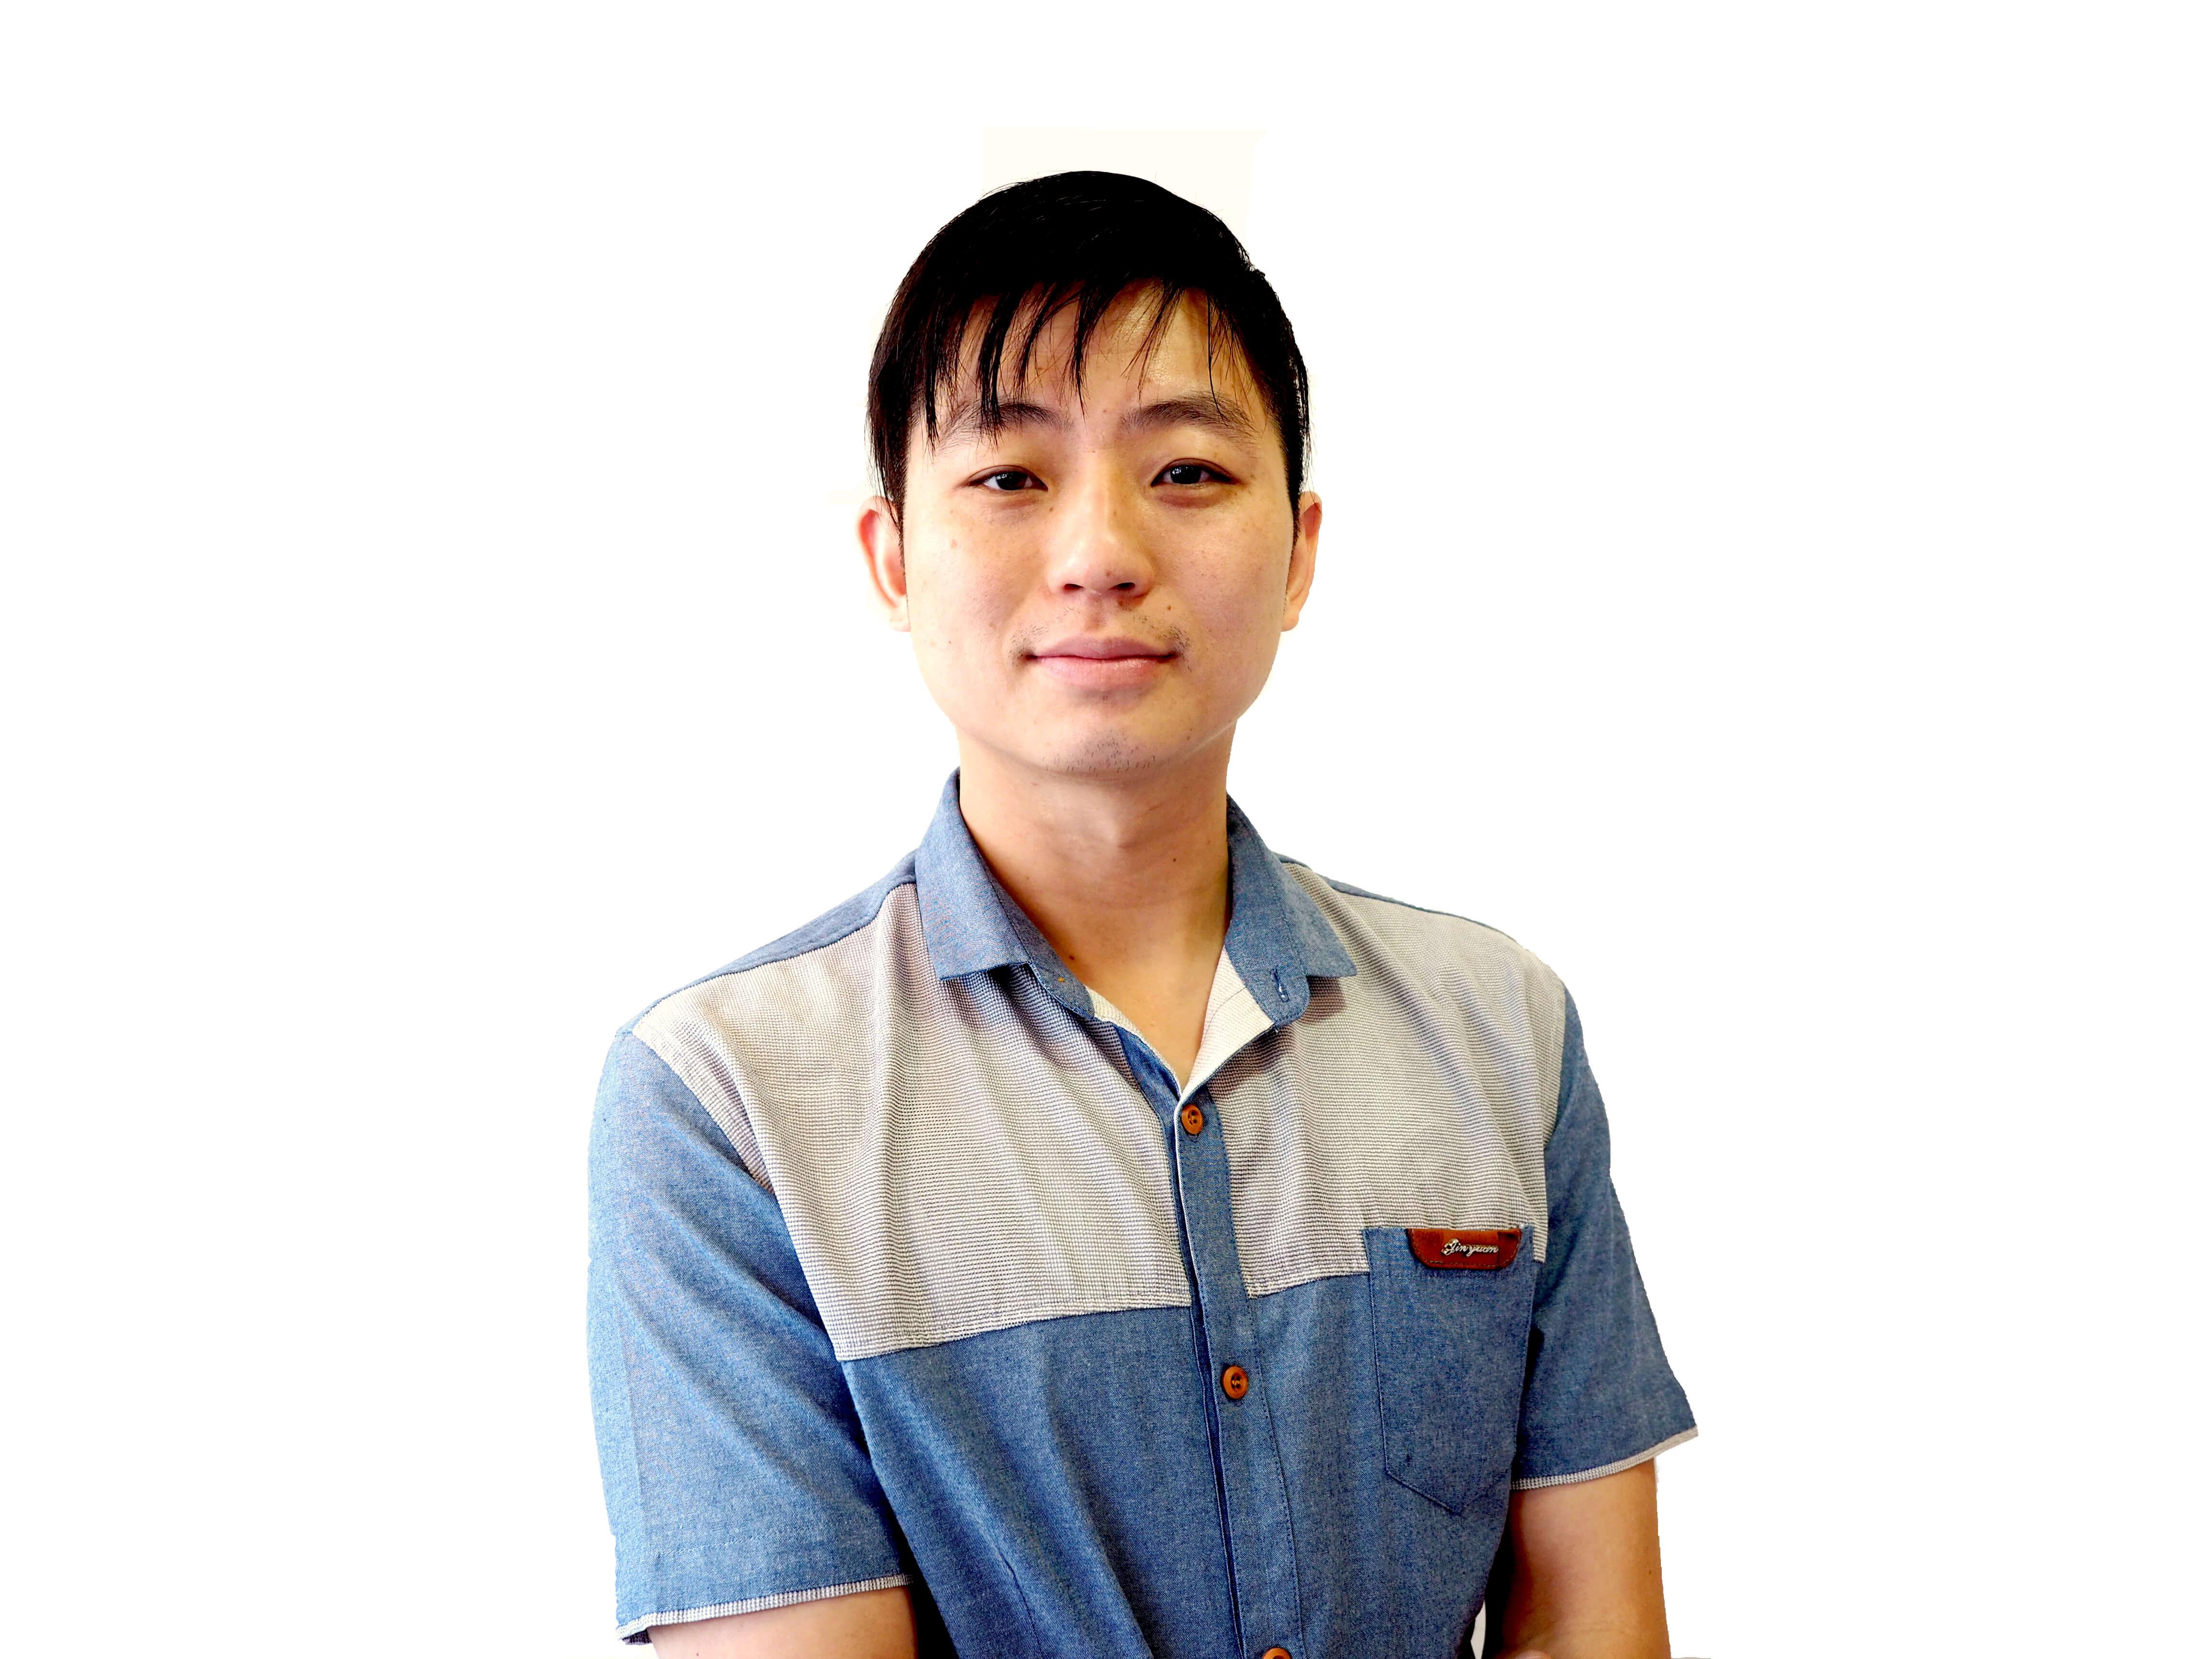 Edward Juhn, USA - Native English Teacher